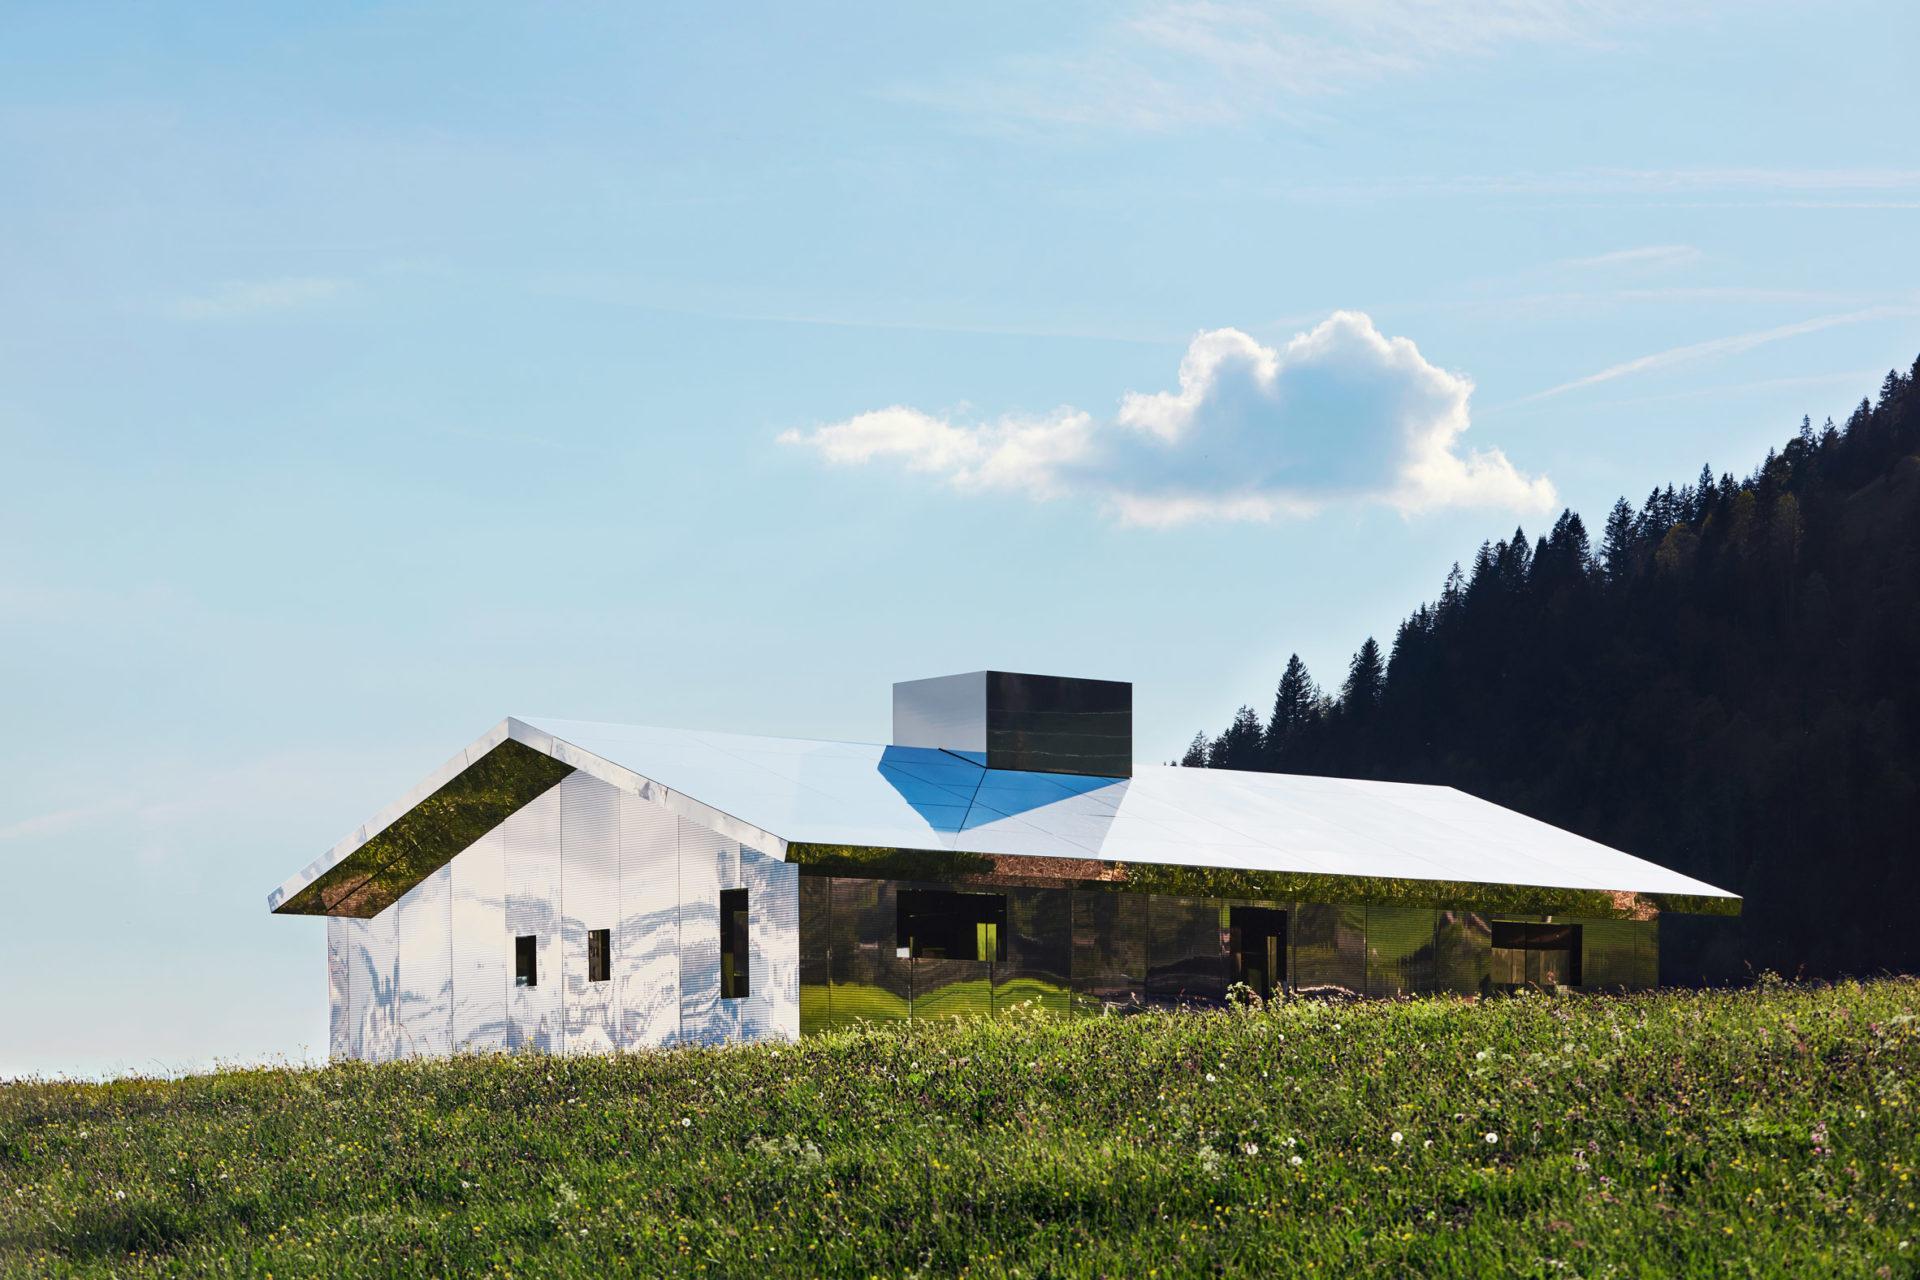 Видео дня: как выглядит дом-мираж в швейцарских Альпах